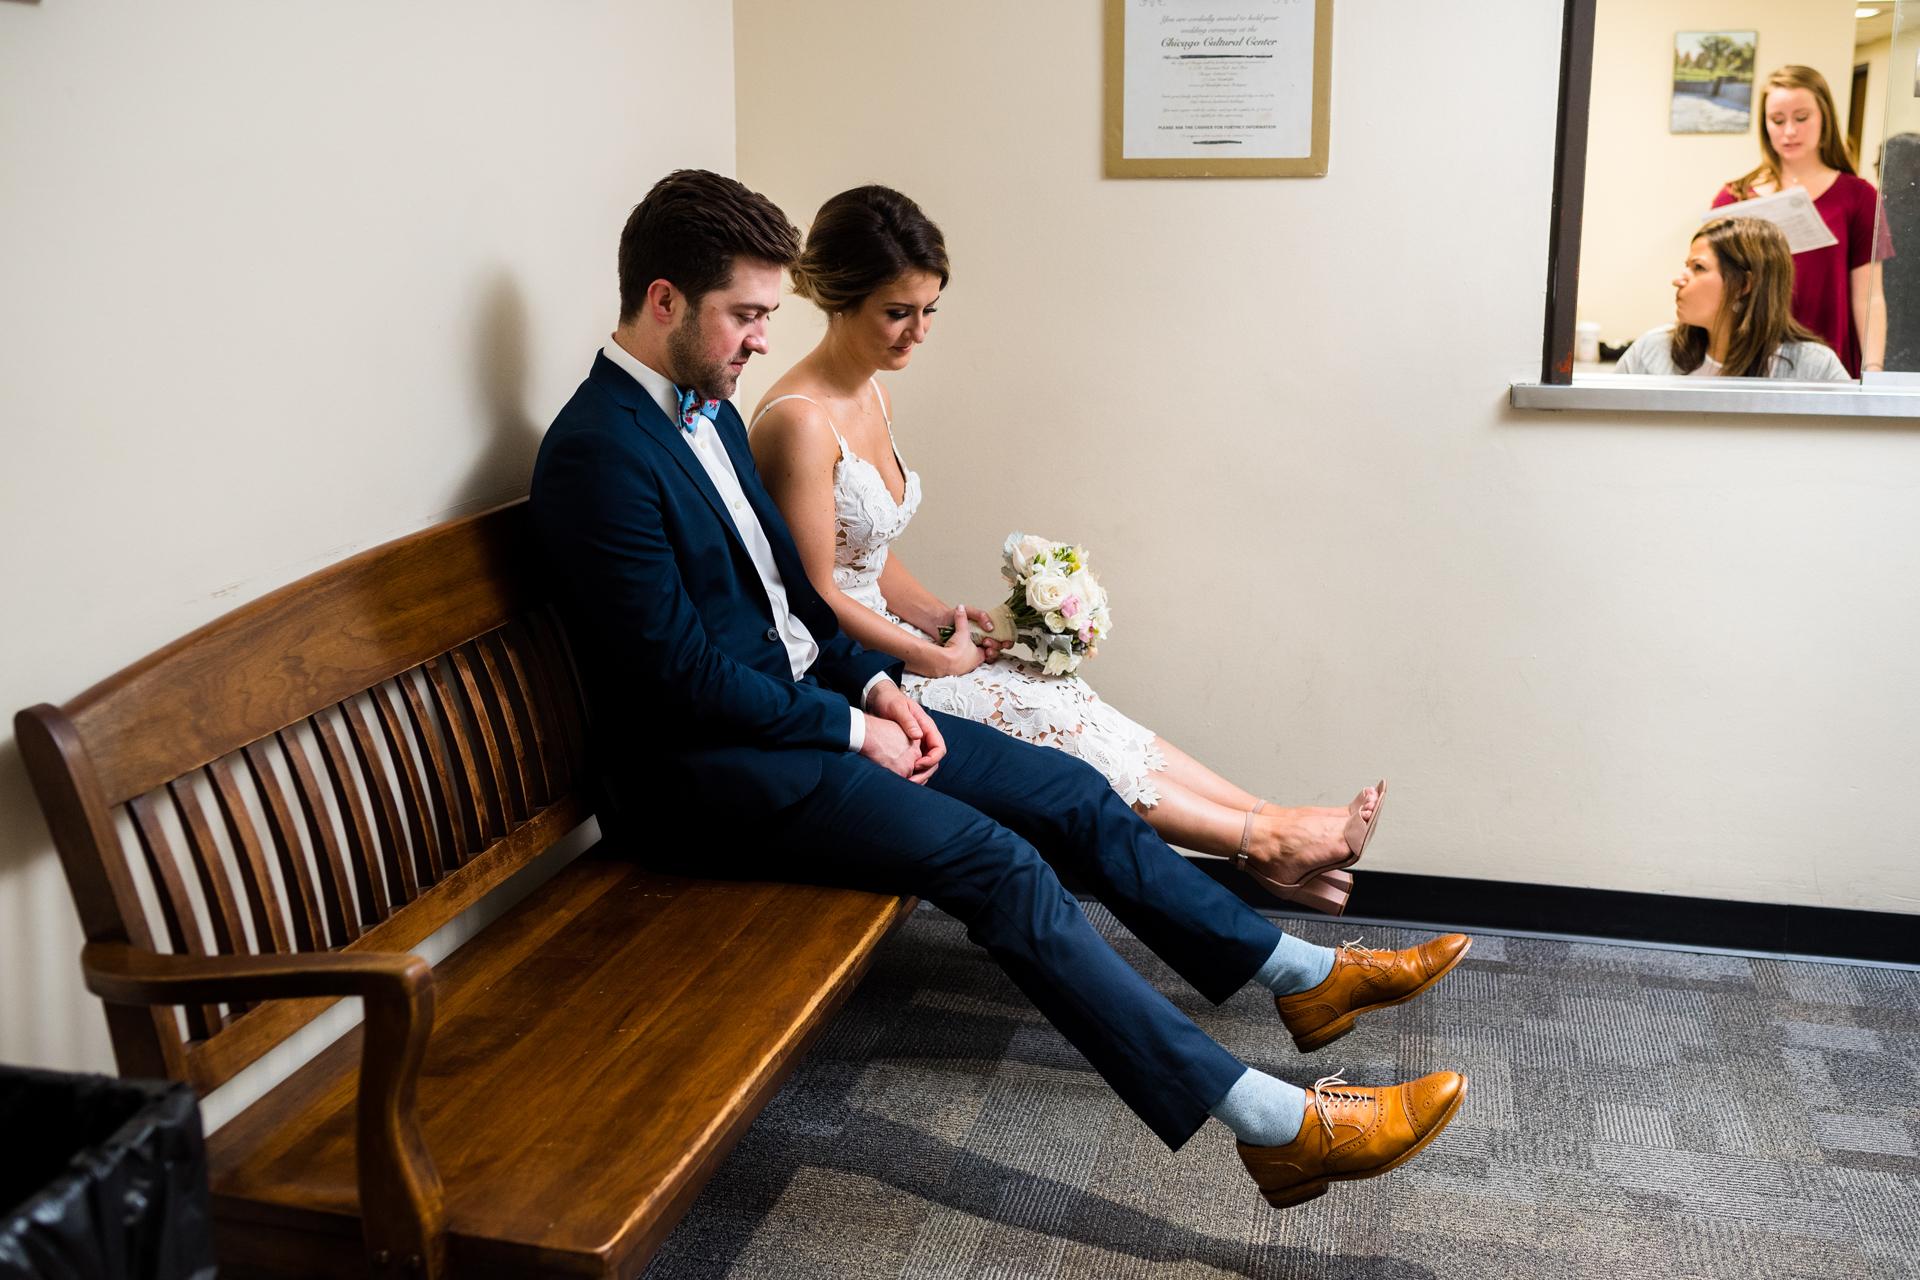 Candice C. Cusic de Illinois fotografió a esta novia y el novio disfrutan de un momento de tranquilidad después de su boda civil